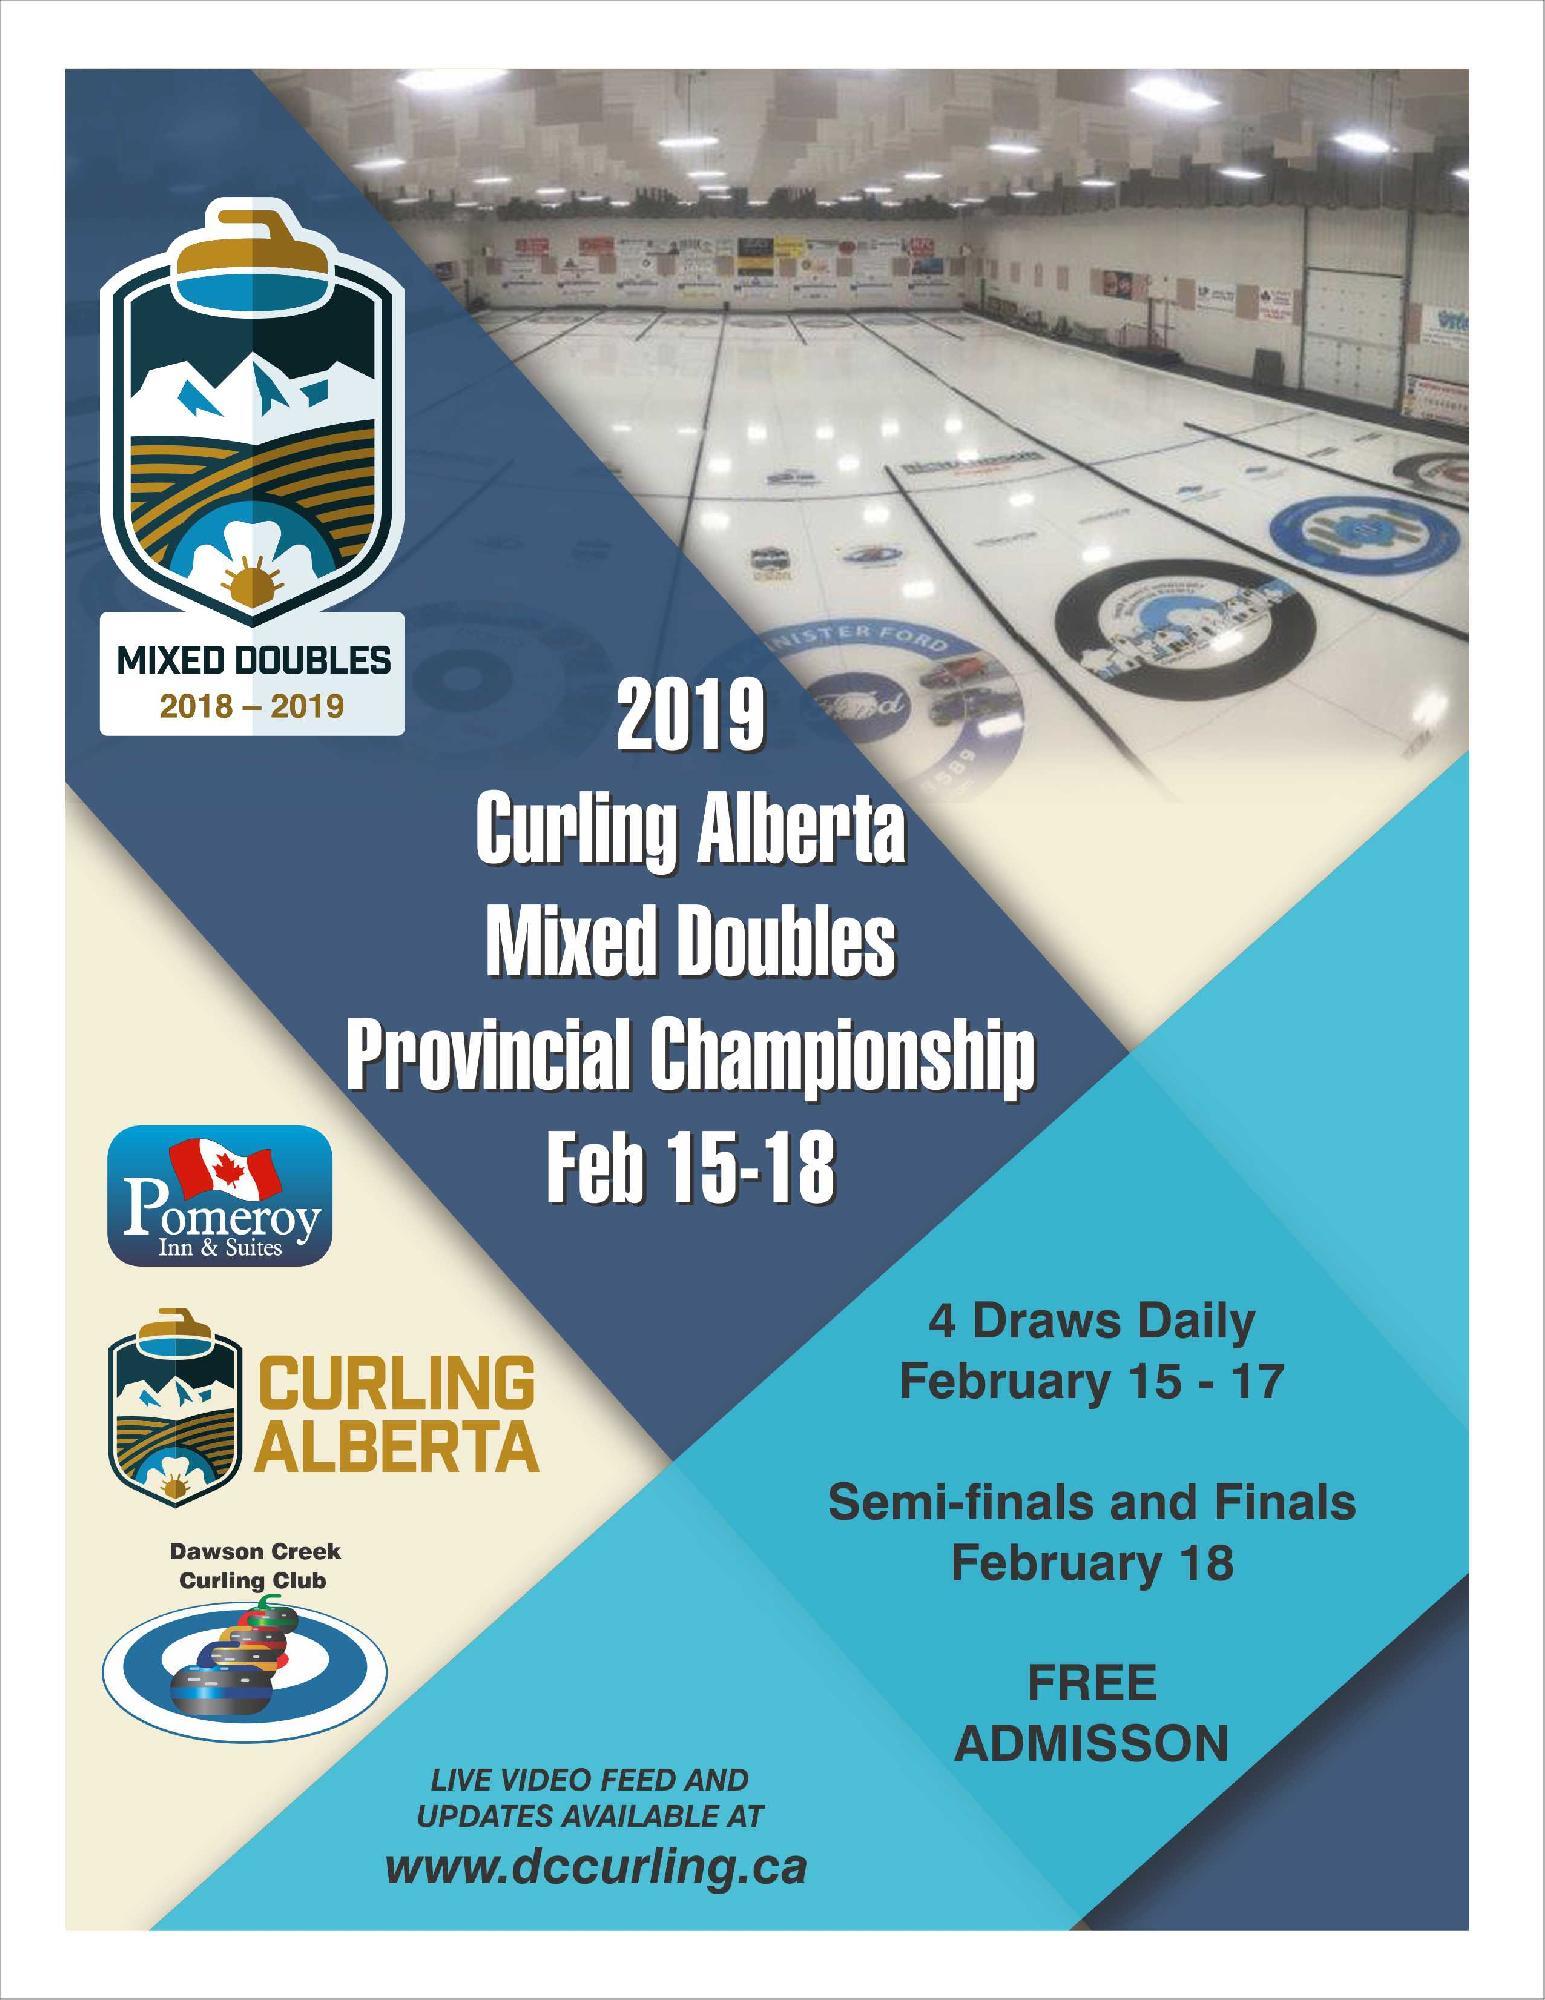 Dawson Creek Curling Club